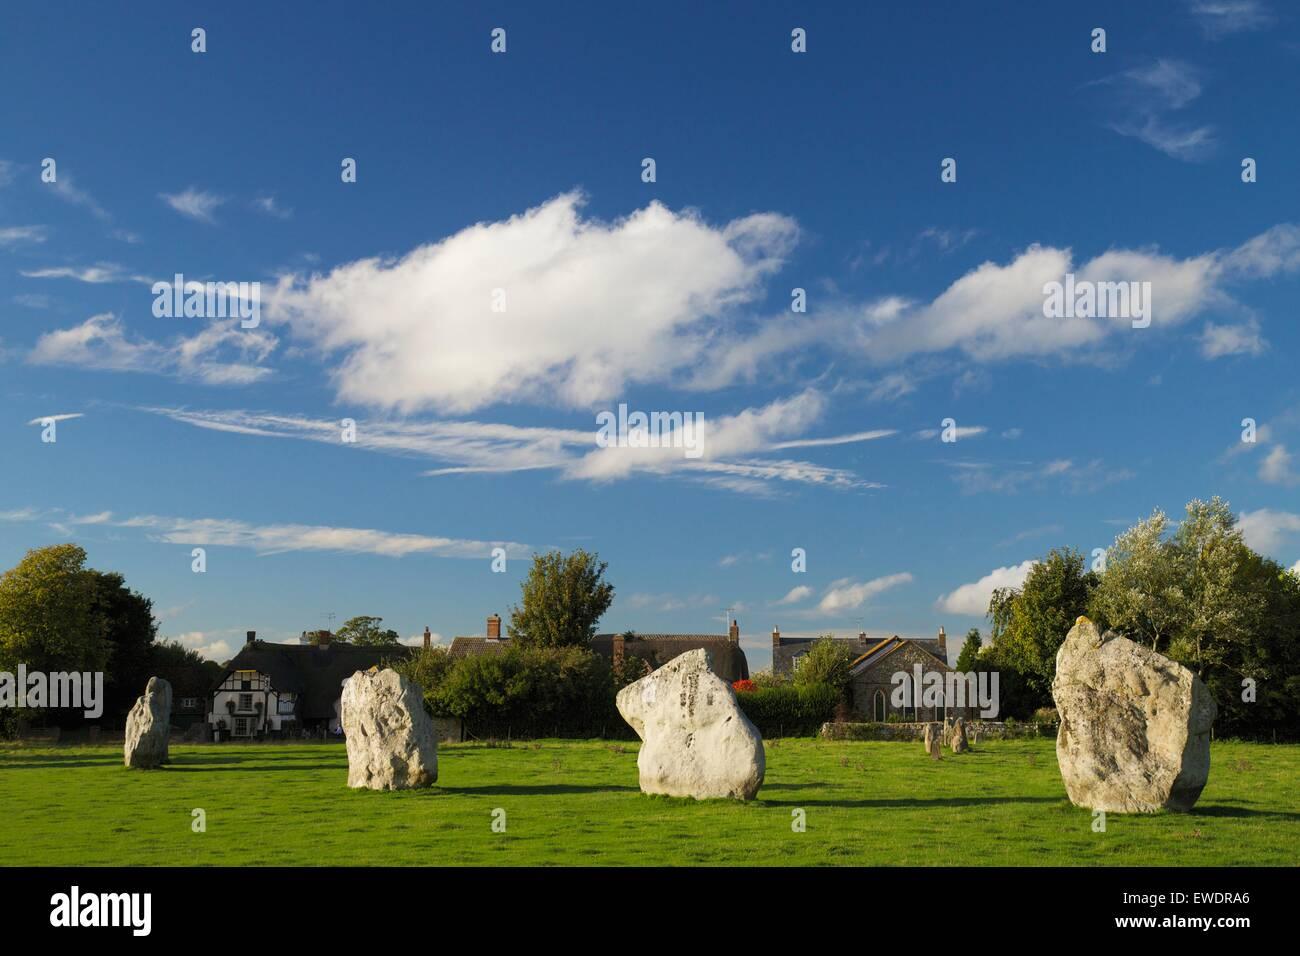 Megalithic stone circle, Avebury, Wiltshire, England. UK, GB - Stock Image